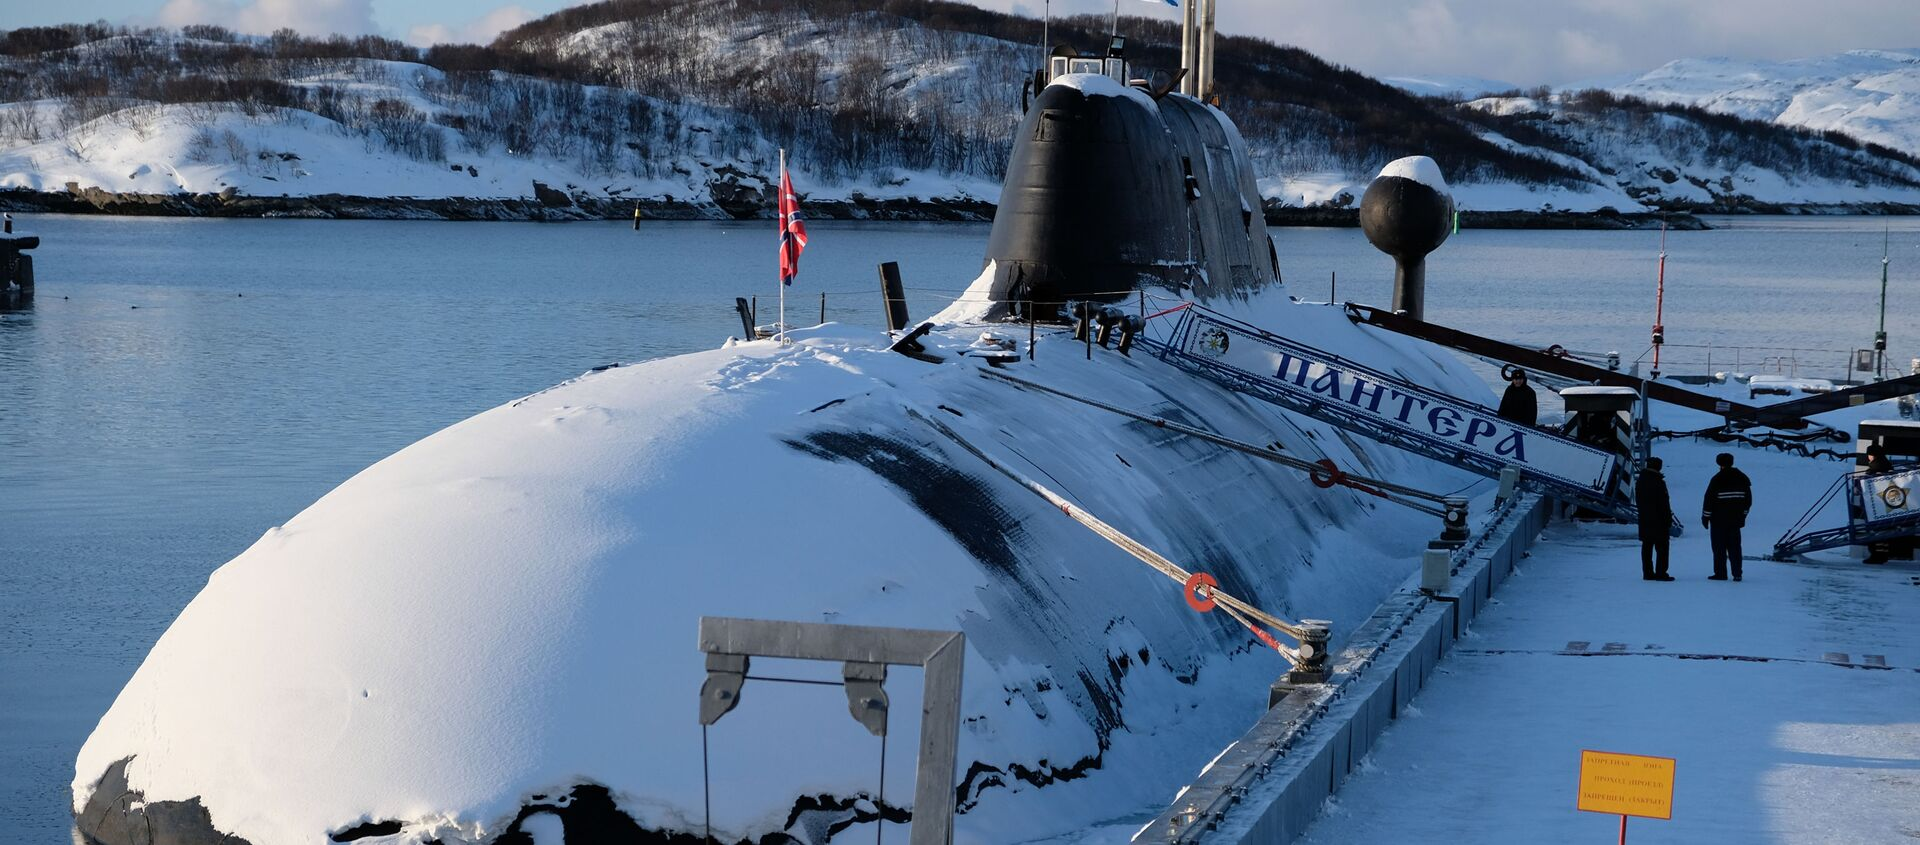 El submarino ruso (archivo) - Sputnik Mundo, 1920, 24.01.2020